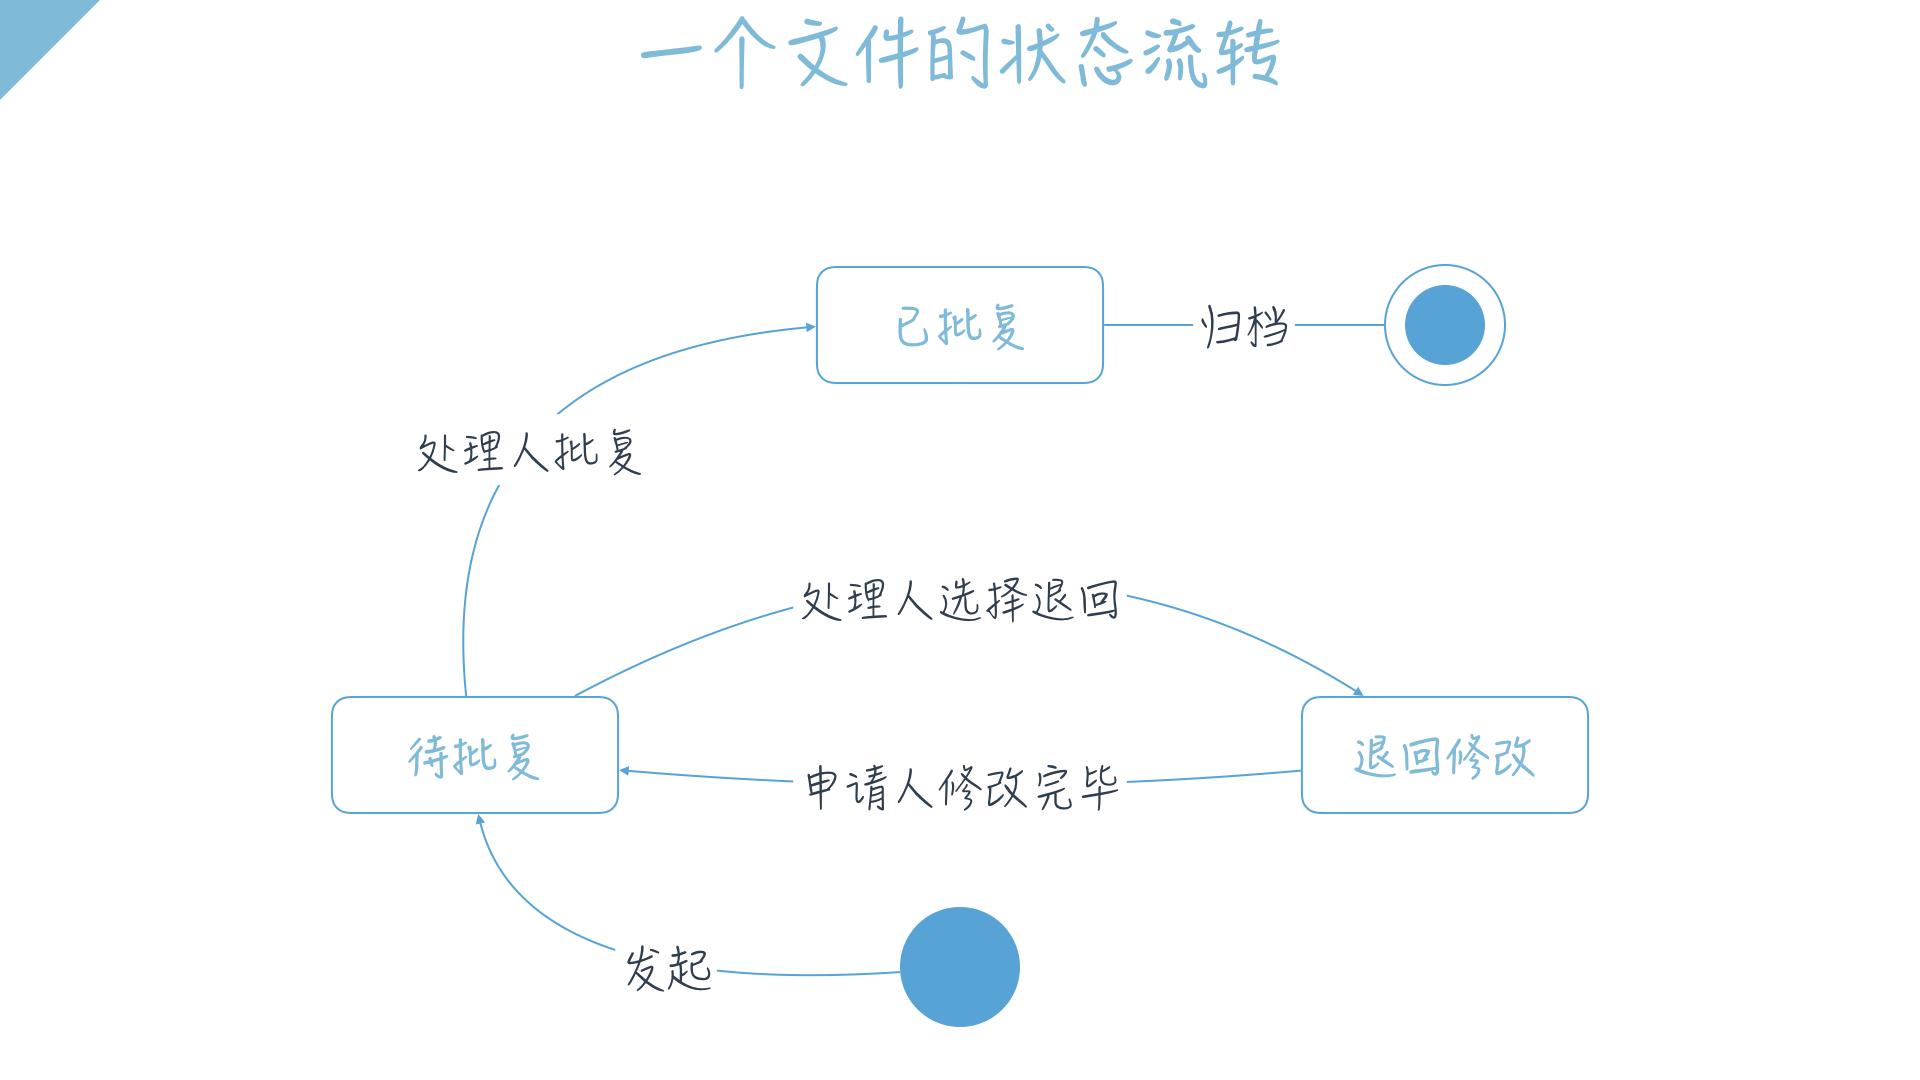 产品经理系列:让产品经理一目了然的状态机图插图(3)